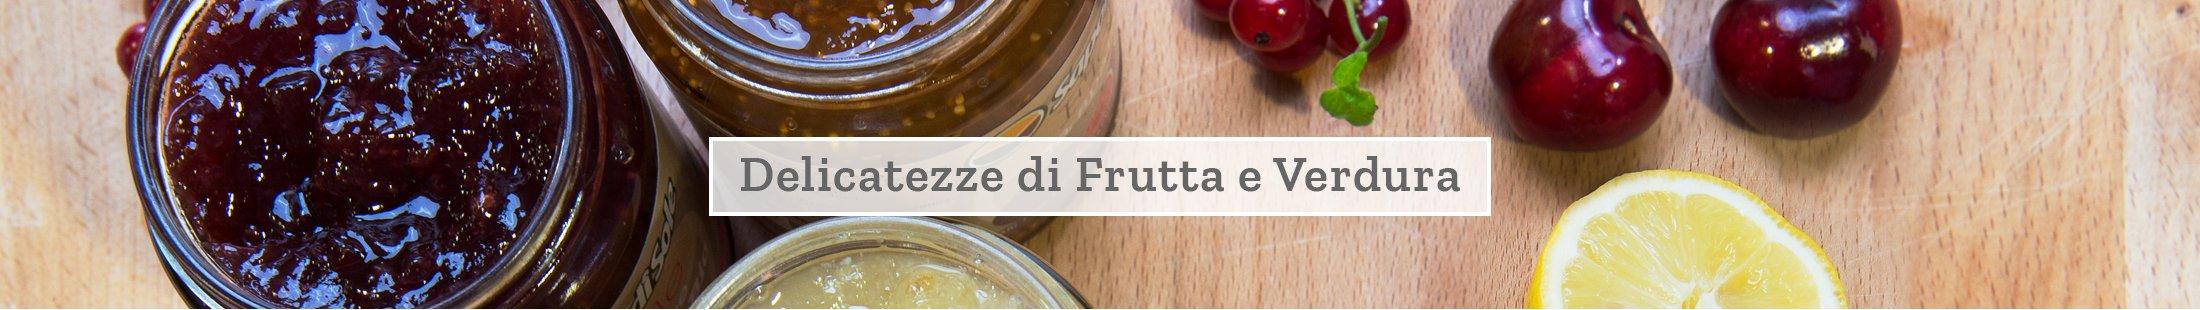 Delicatezze di frutta e verdura